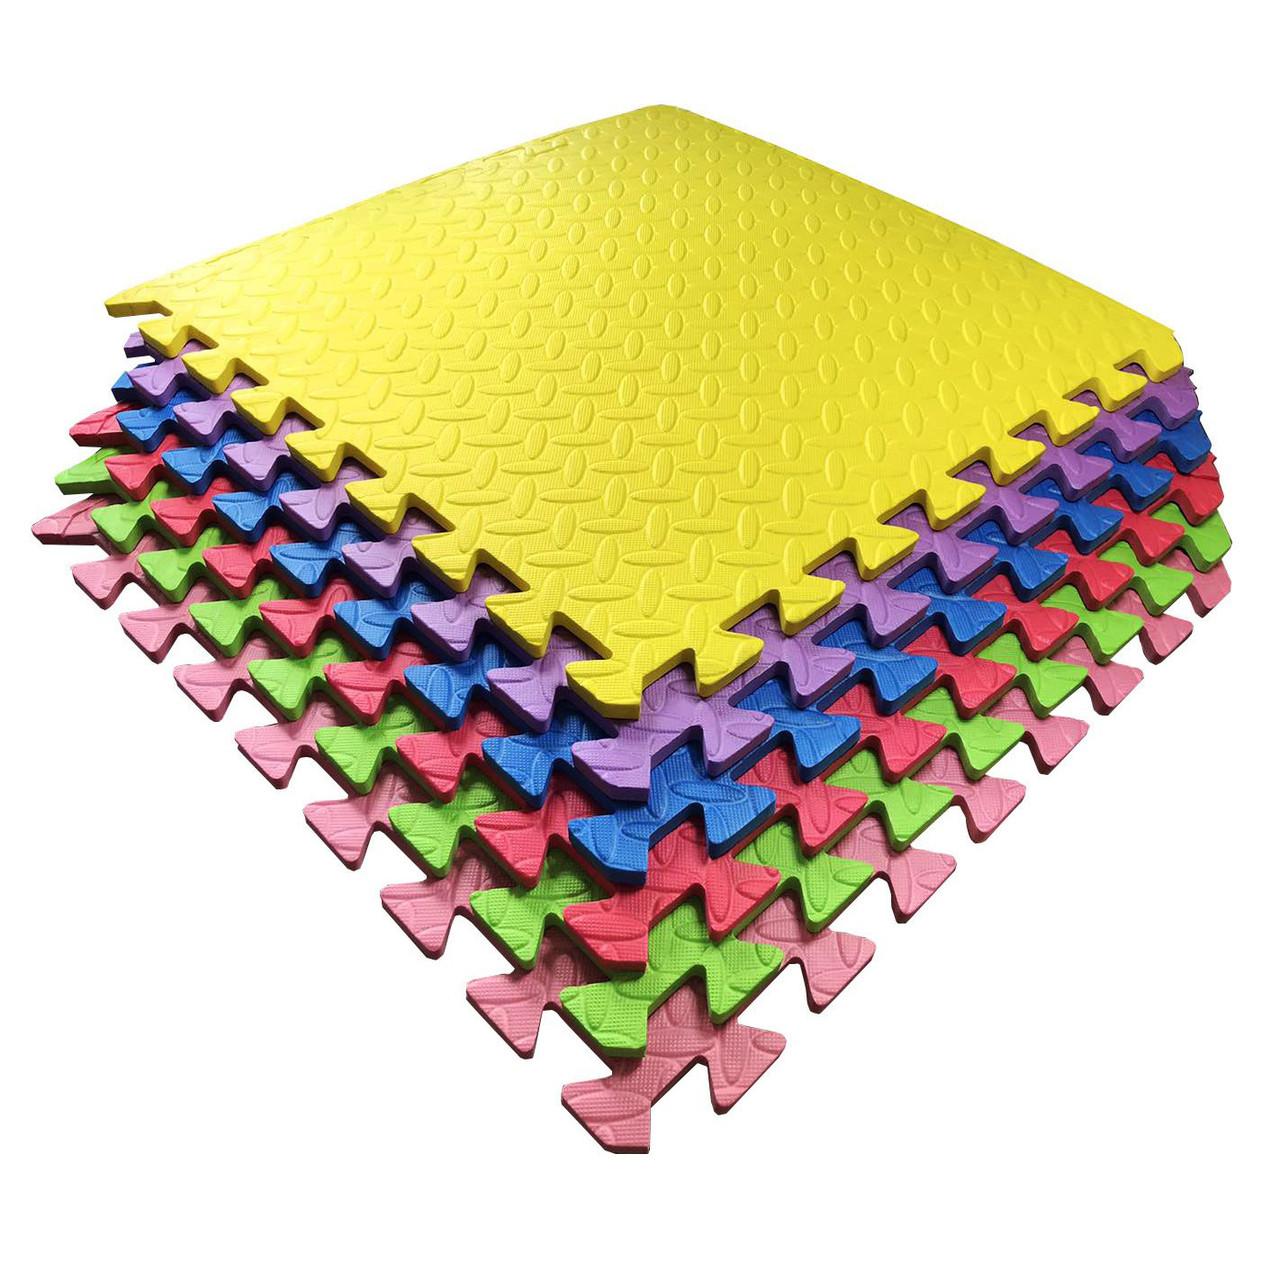 М'який дитячий підлогу 51х51х1см Малюк TIA-SPORT жовтий. ТС769